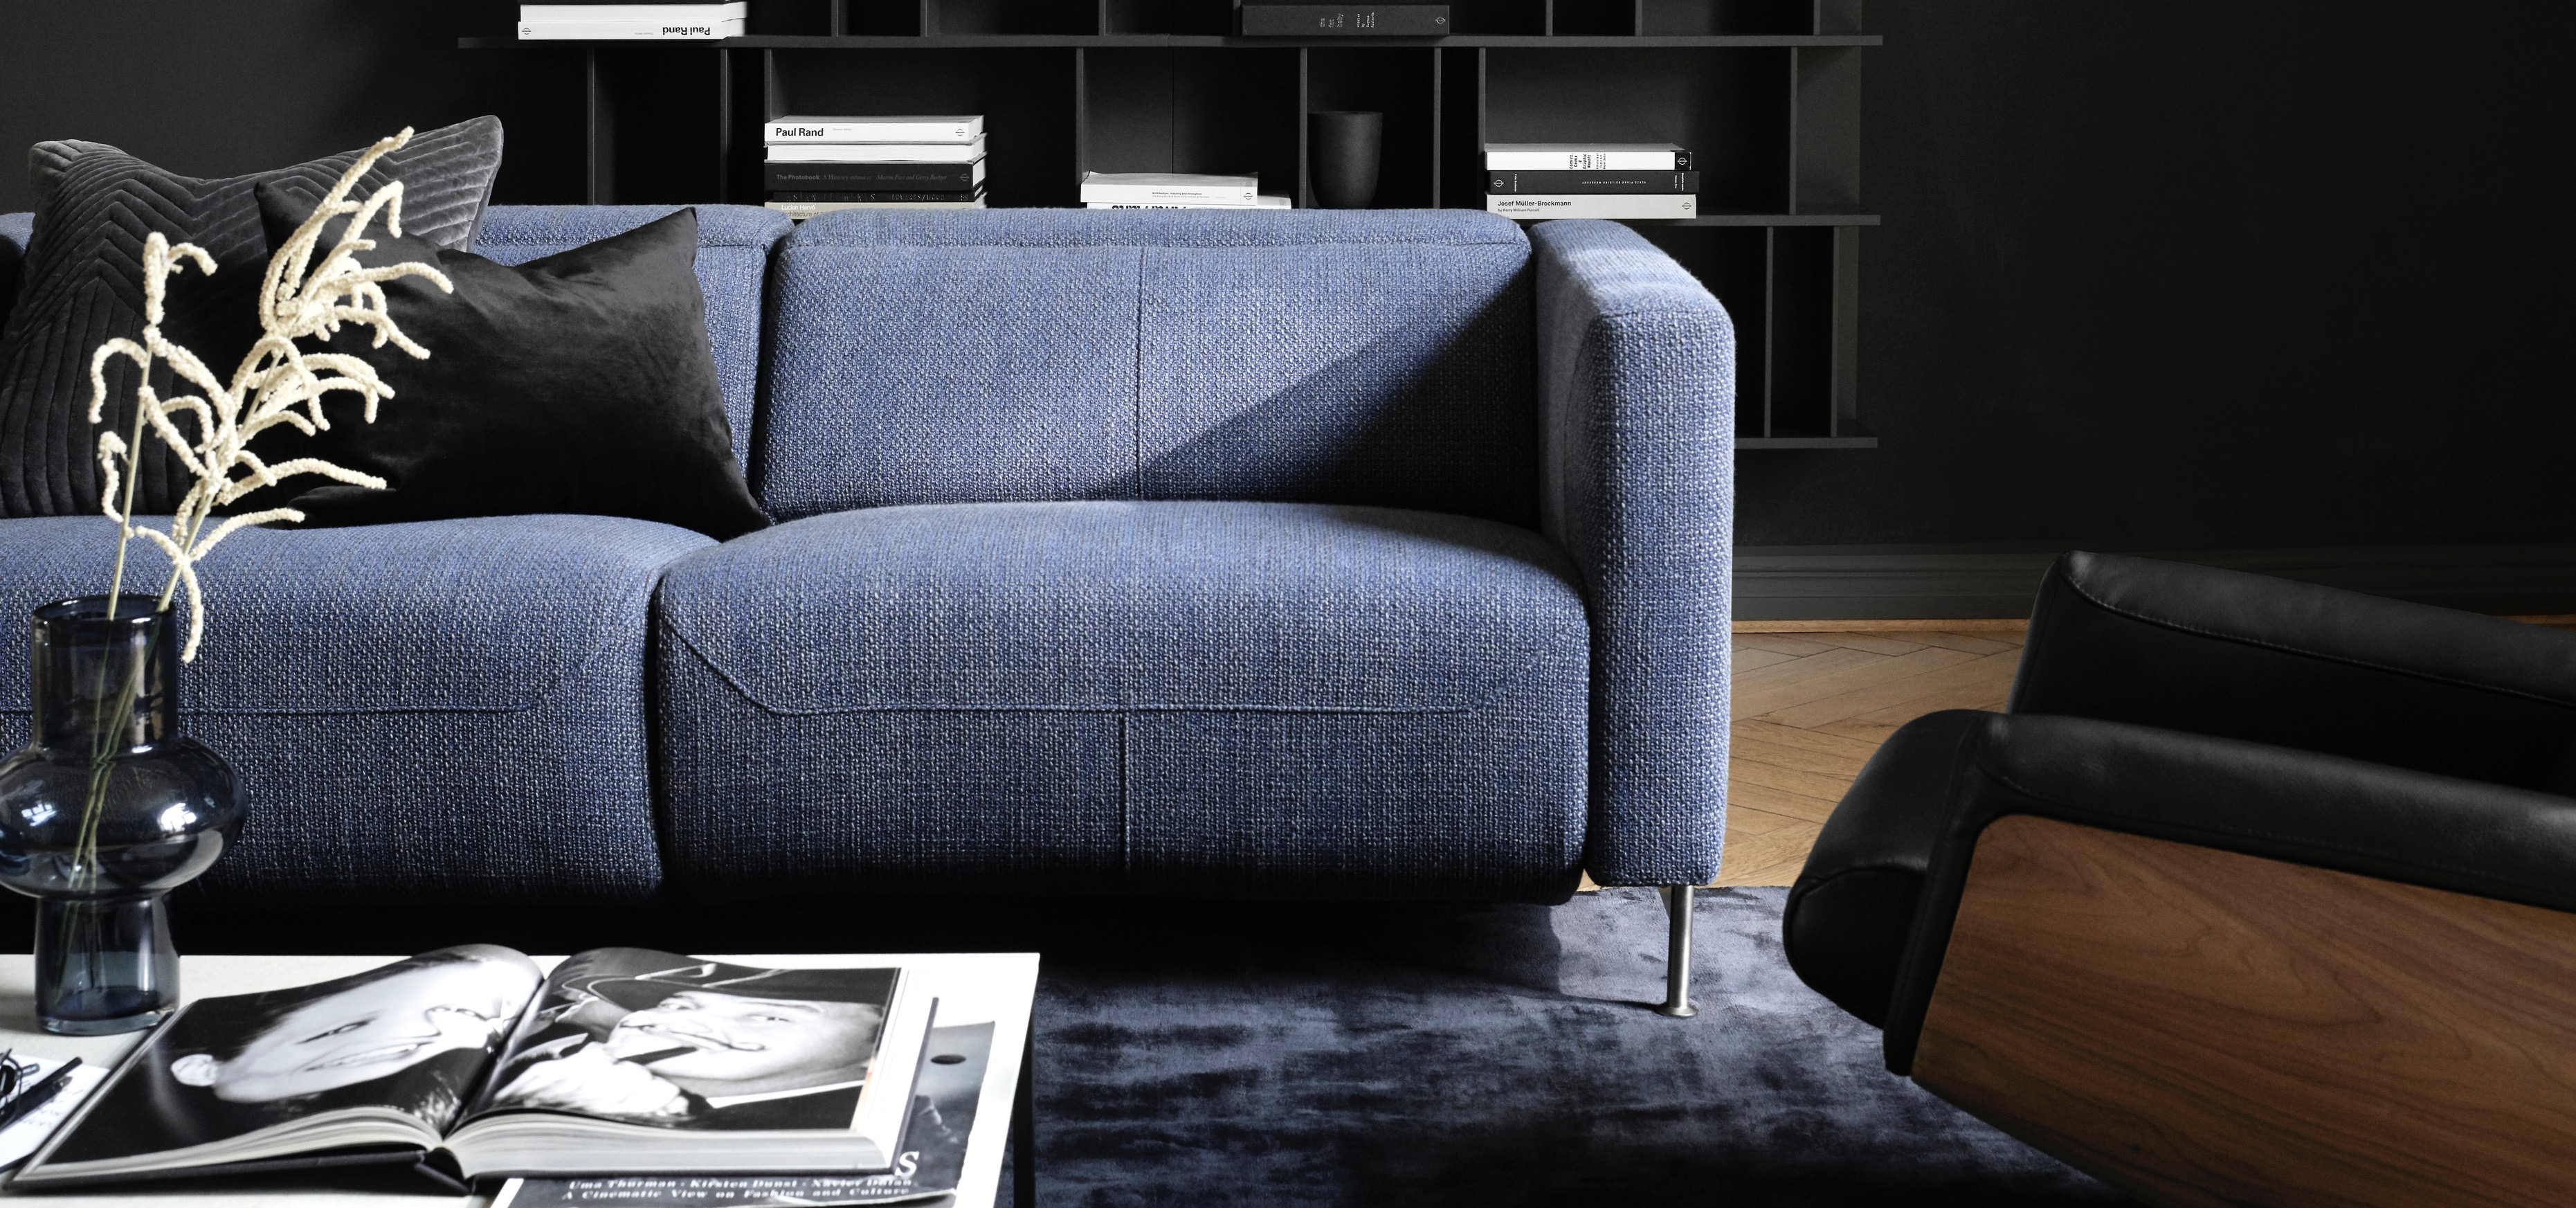 BoConcept zmienia zasady z nową elektryczną rozkładaną sofą Parma